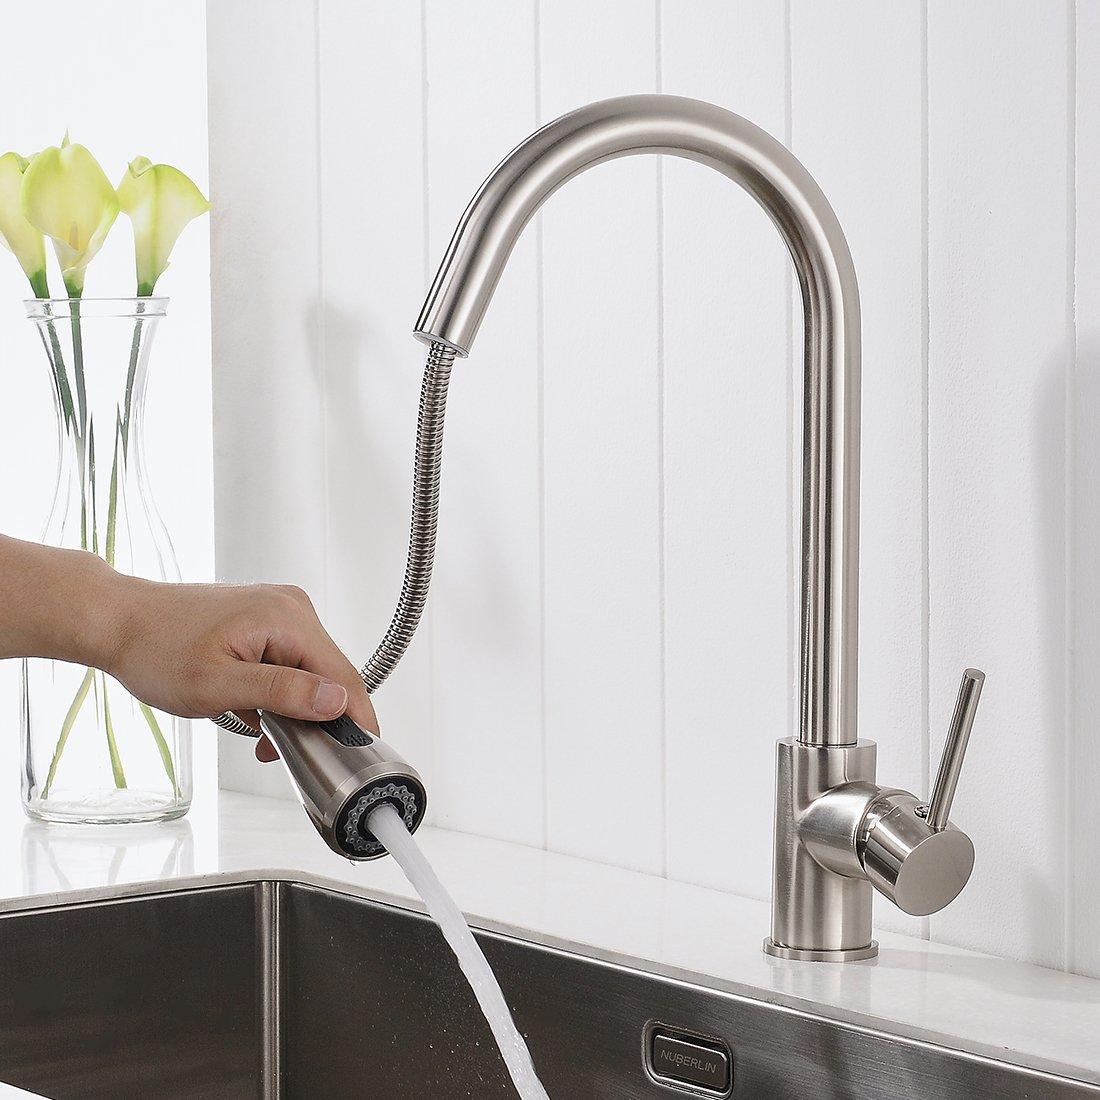 Timaco Wasserhahn Küche Gebürsteter Nickel Küchenarmatur Mit Brause Für  Küchen Spüle Armatur Küche: Amazon.de: Baumarkt